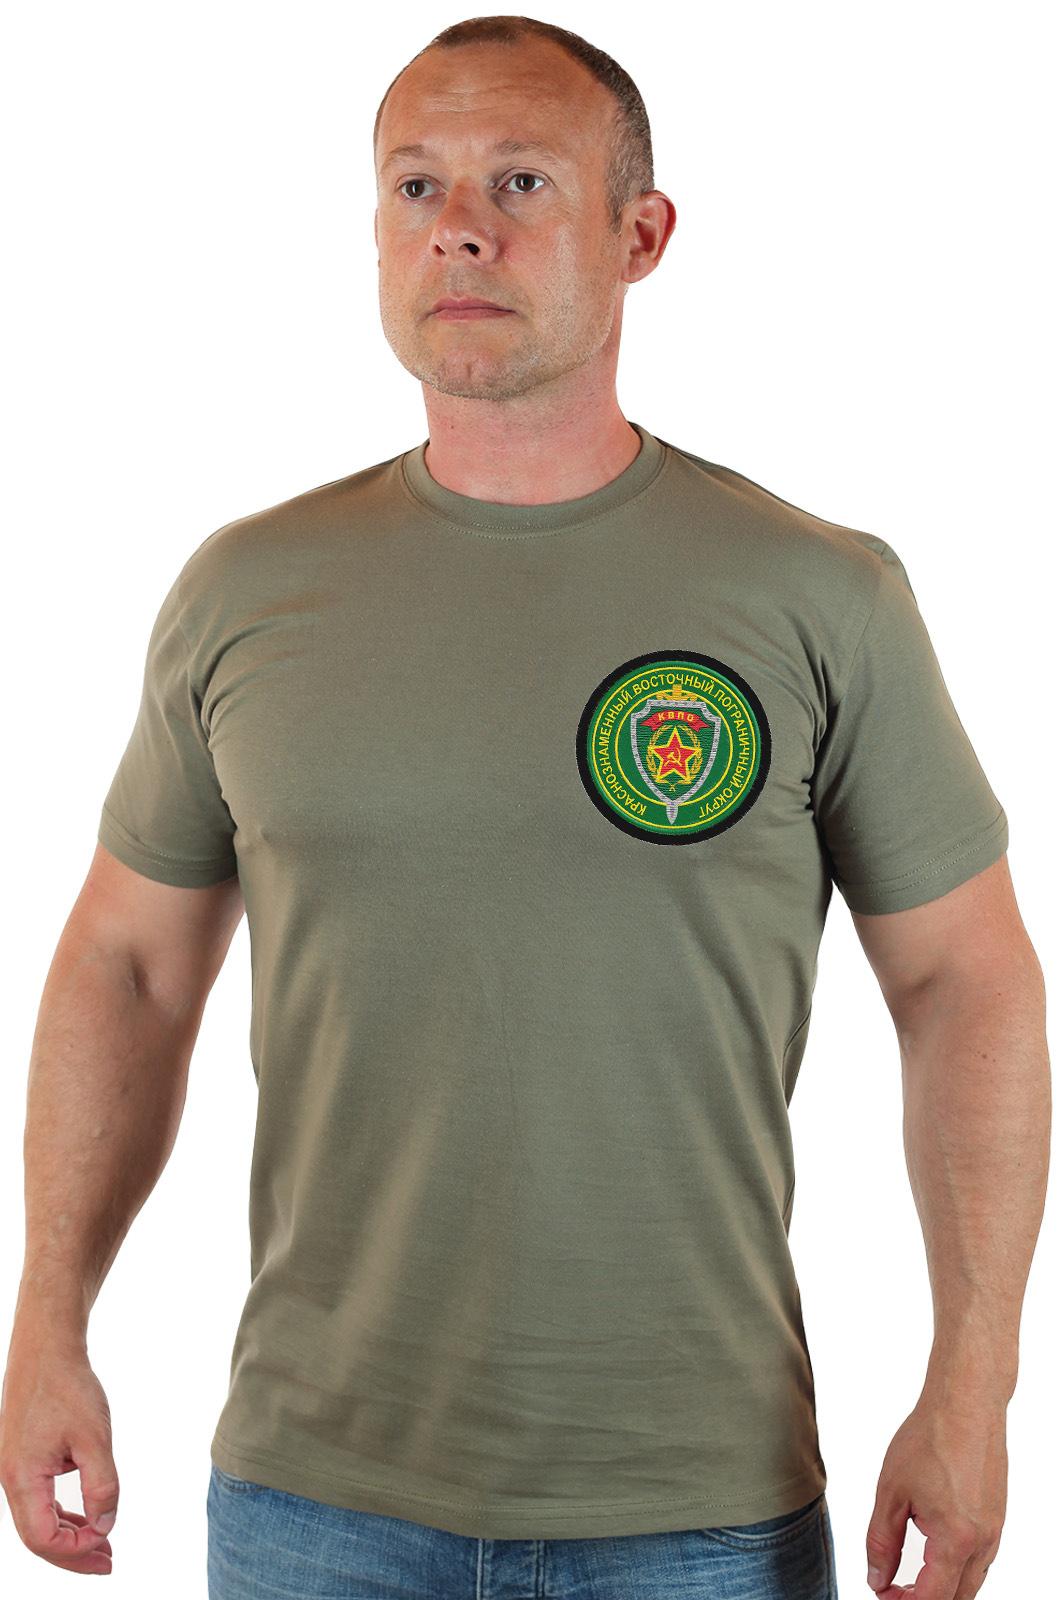 Купить футболку Краснознаменного Восточного Пограничного Округа